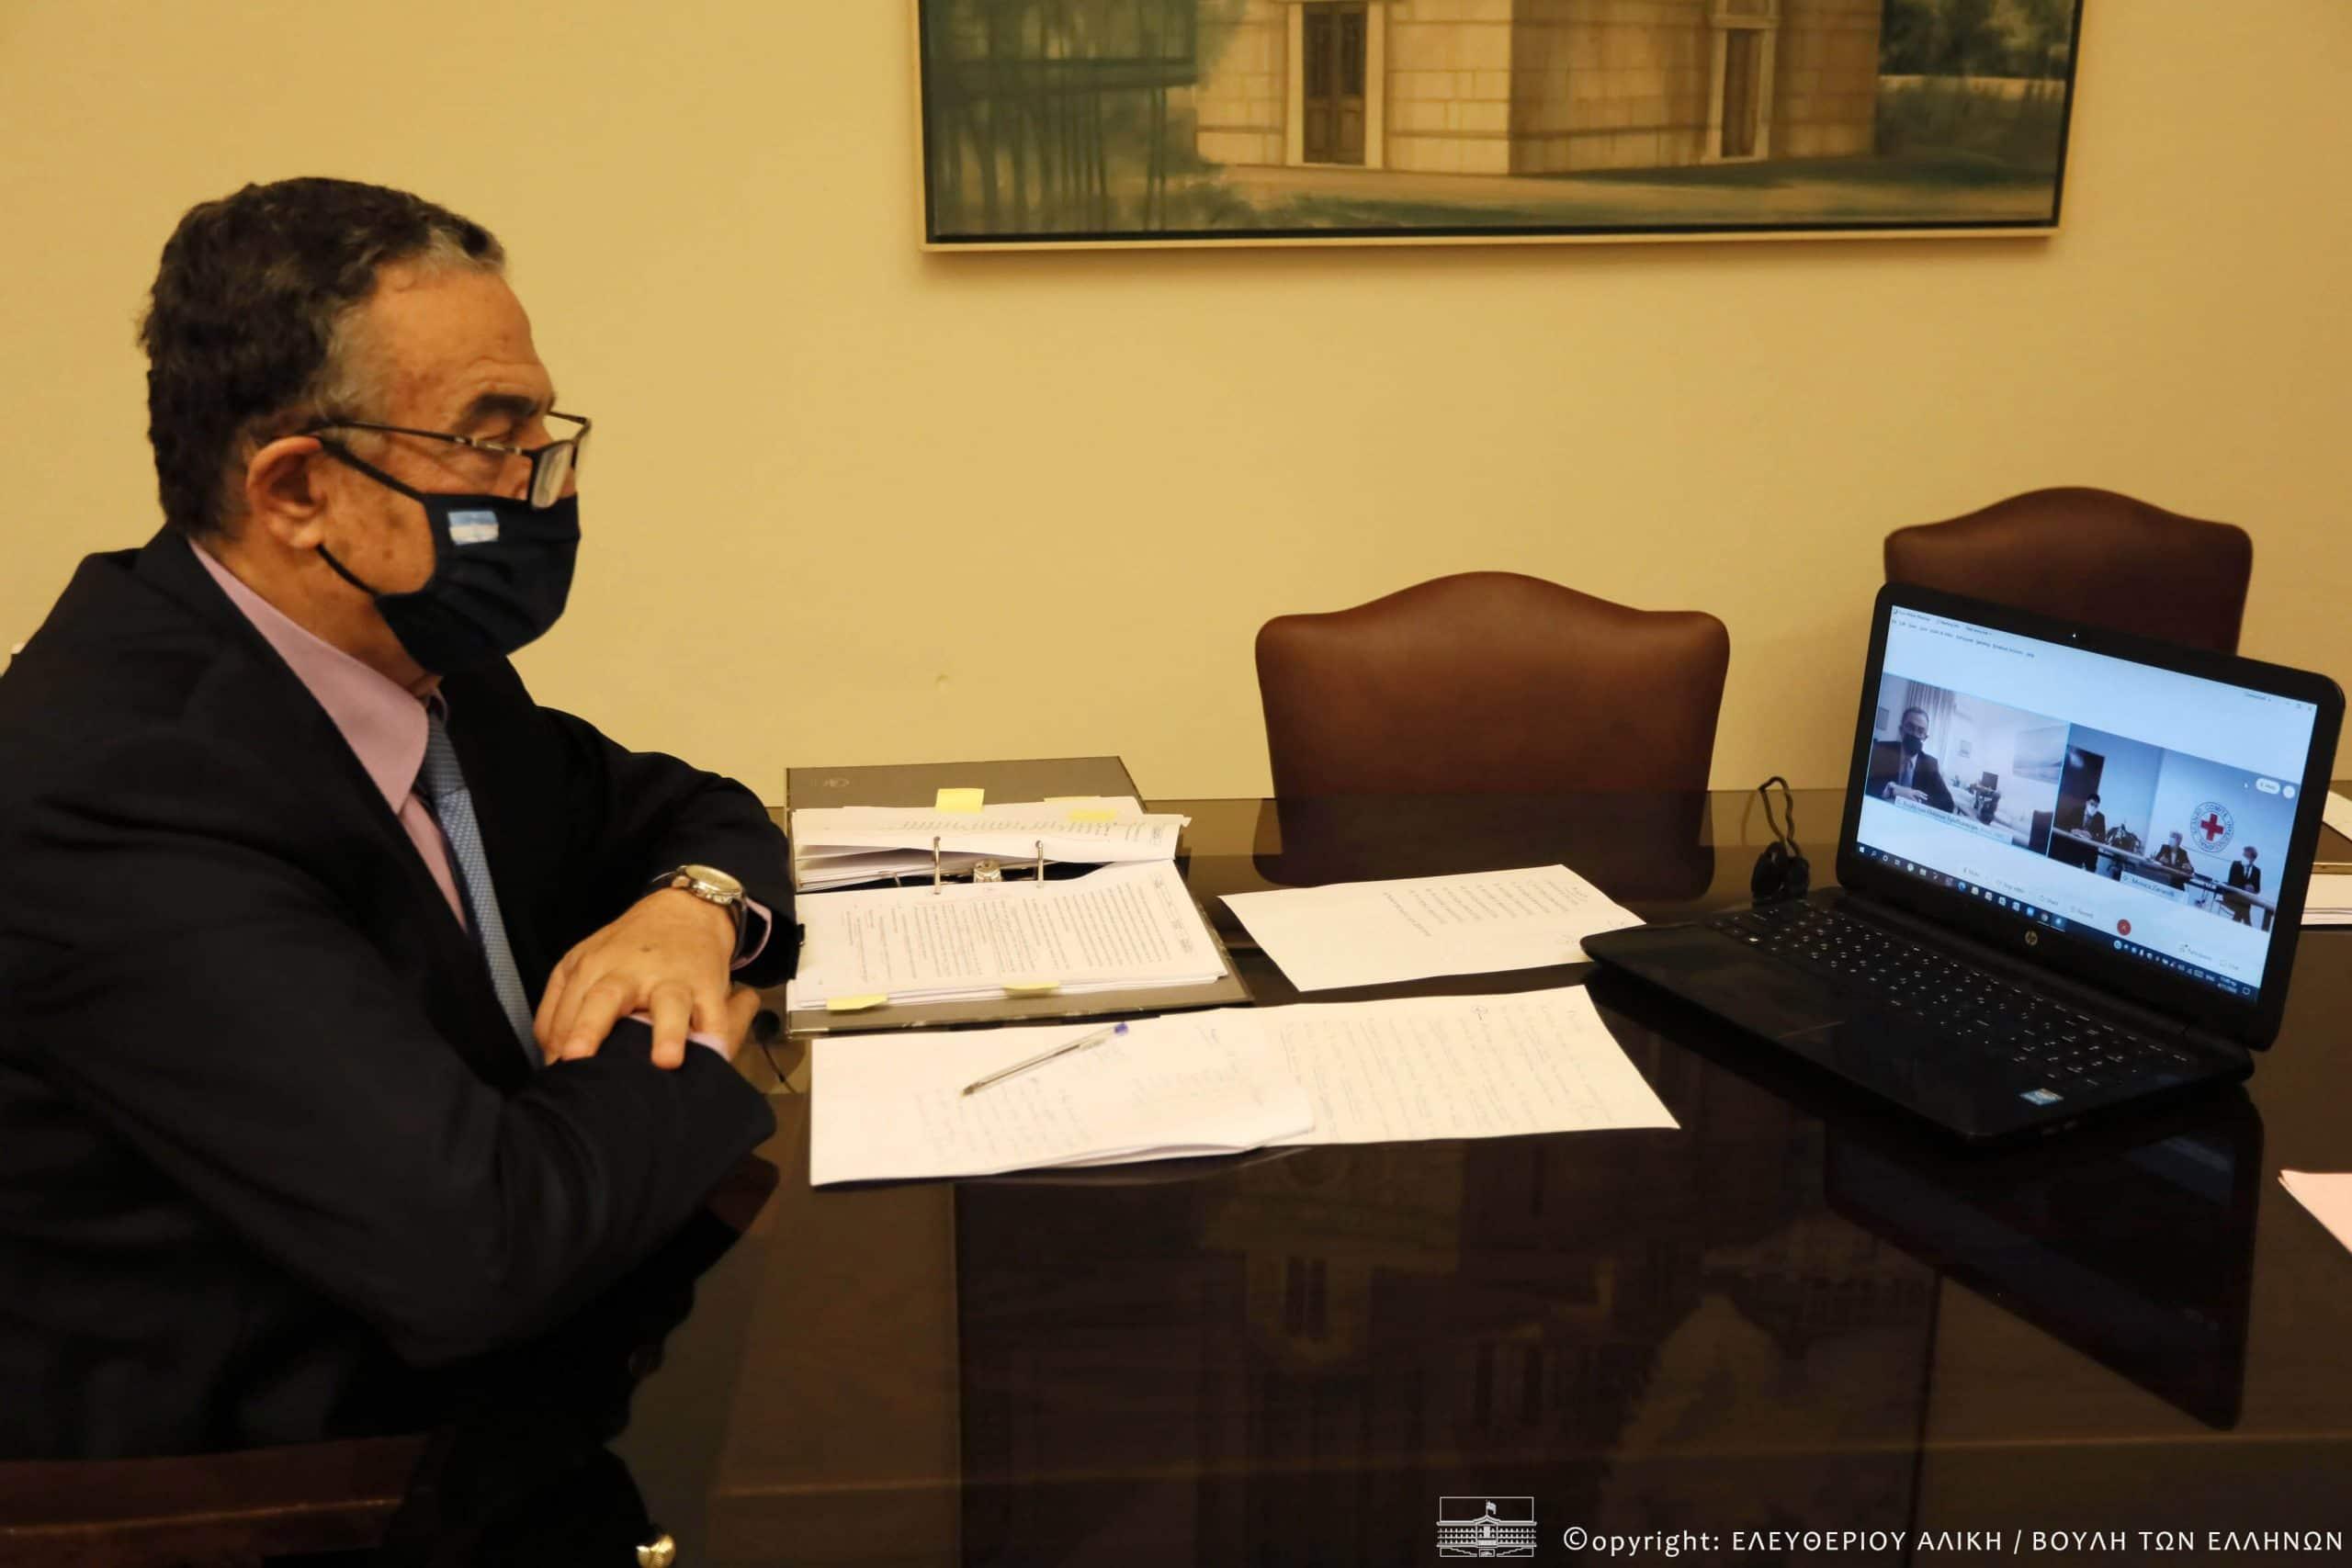 Τηλεδιάσκεψη του Β΄ Αντιπροέδρου της Βουλής με αντιπροσωπεία της Διεθνούς Επιτροπής του Ερυθρού Σταυρού στην Ελλάδα